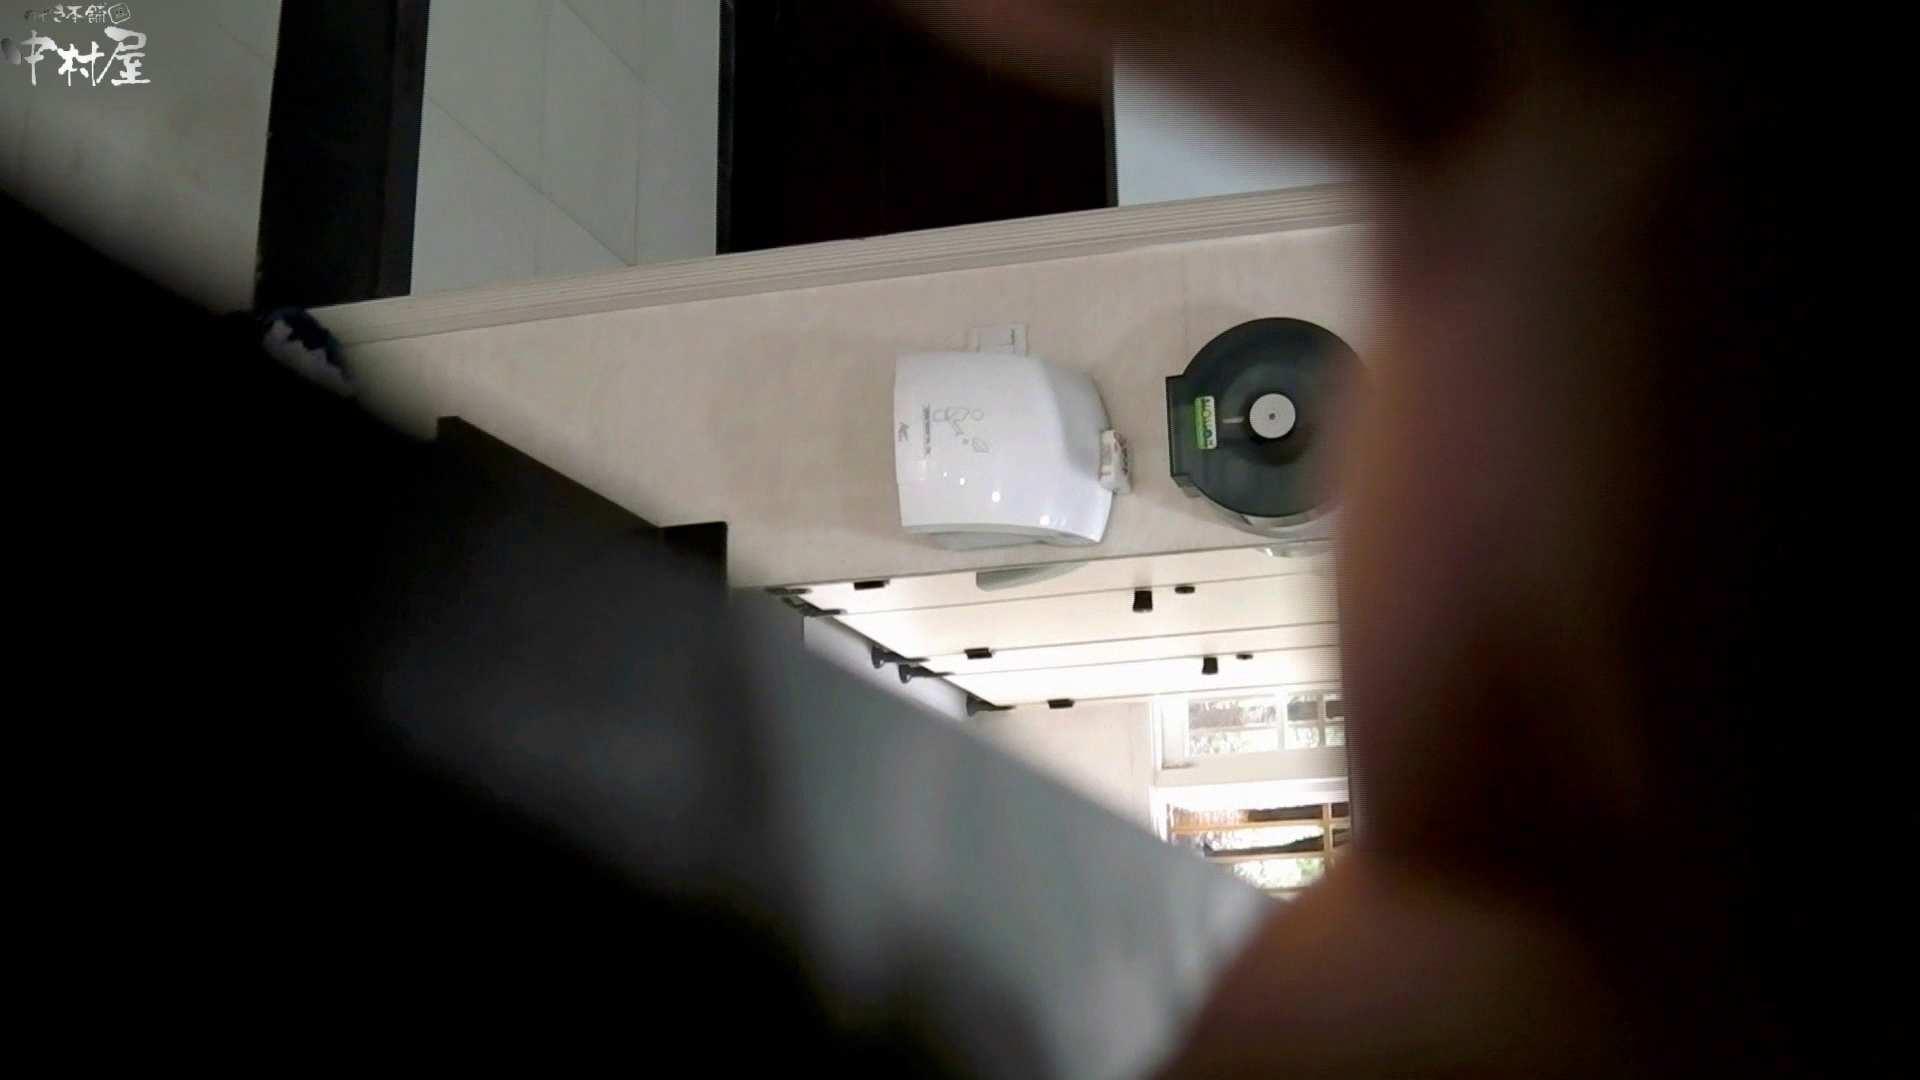 お市さんの「お尻丸出しジャンボリー」No.13 潜入 ヌード画像 97PIX 24